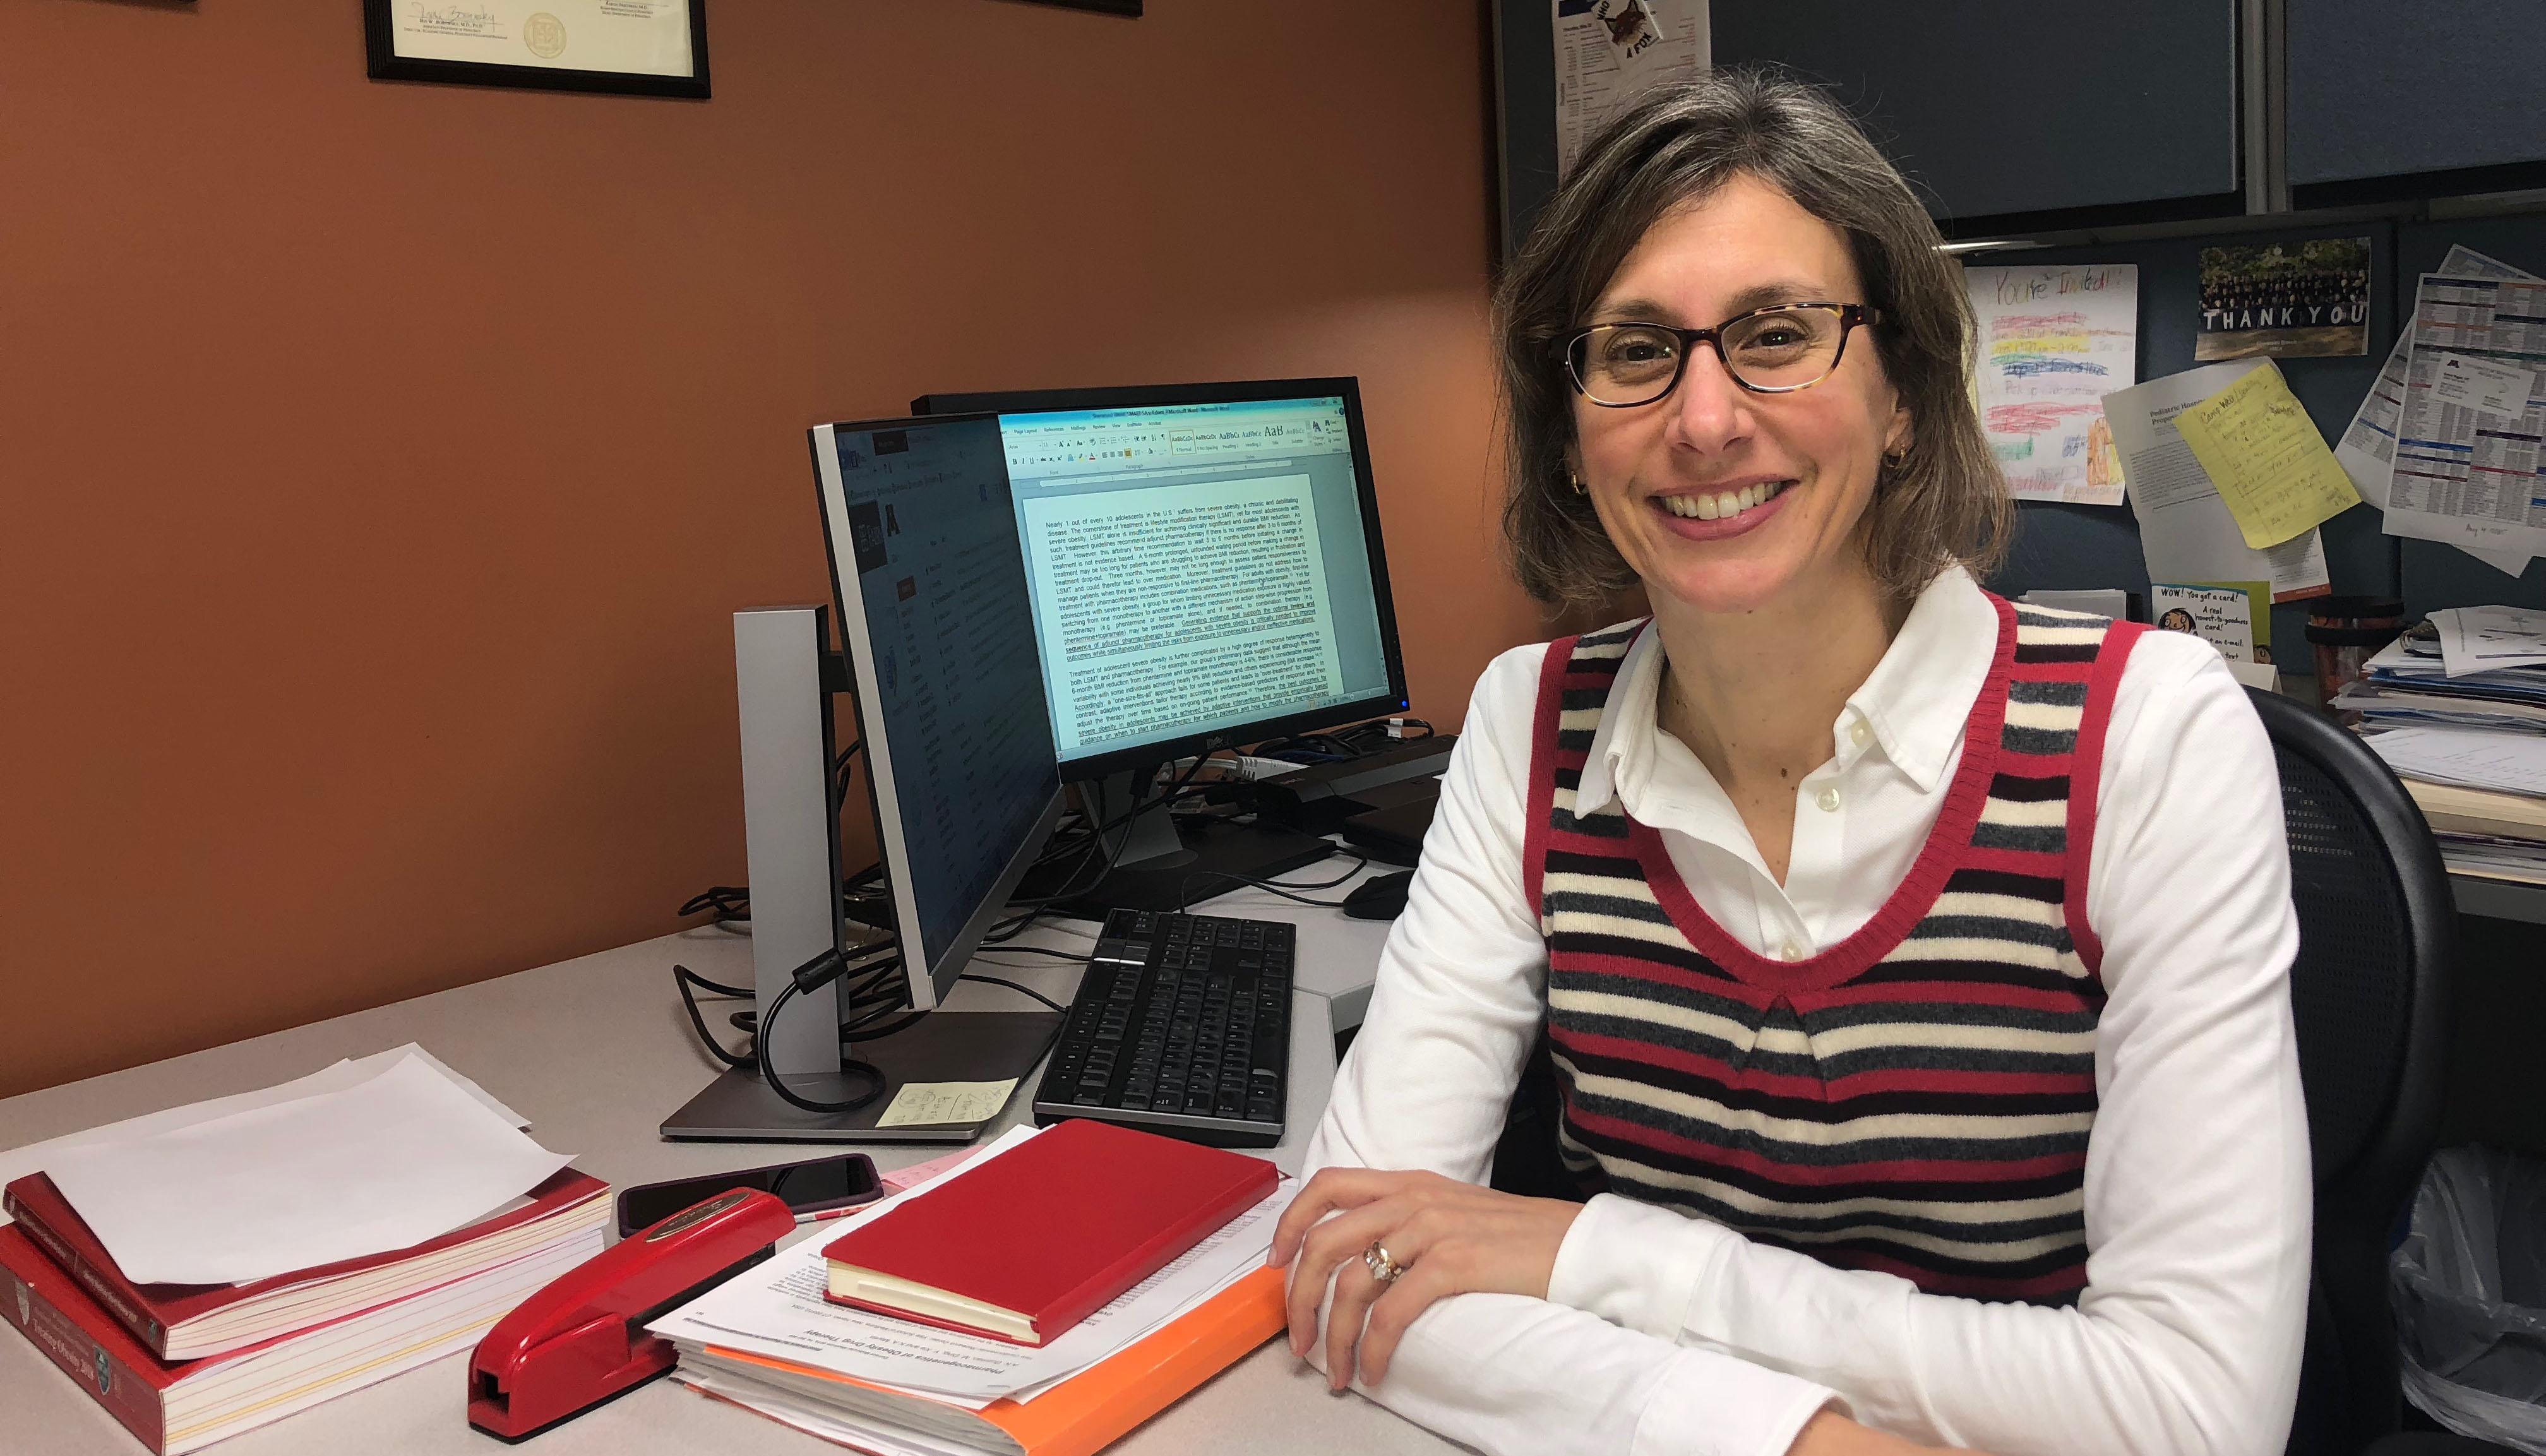 Dr. Claudia Fox